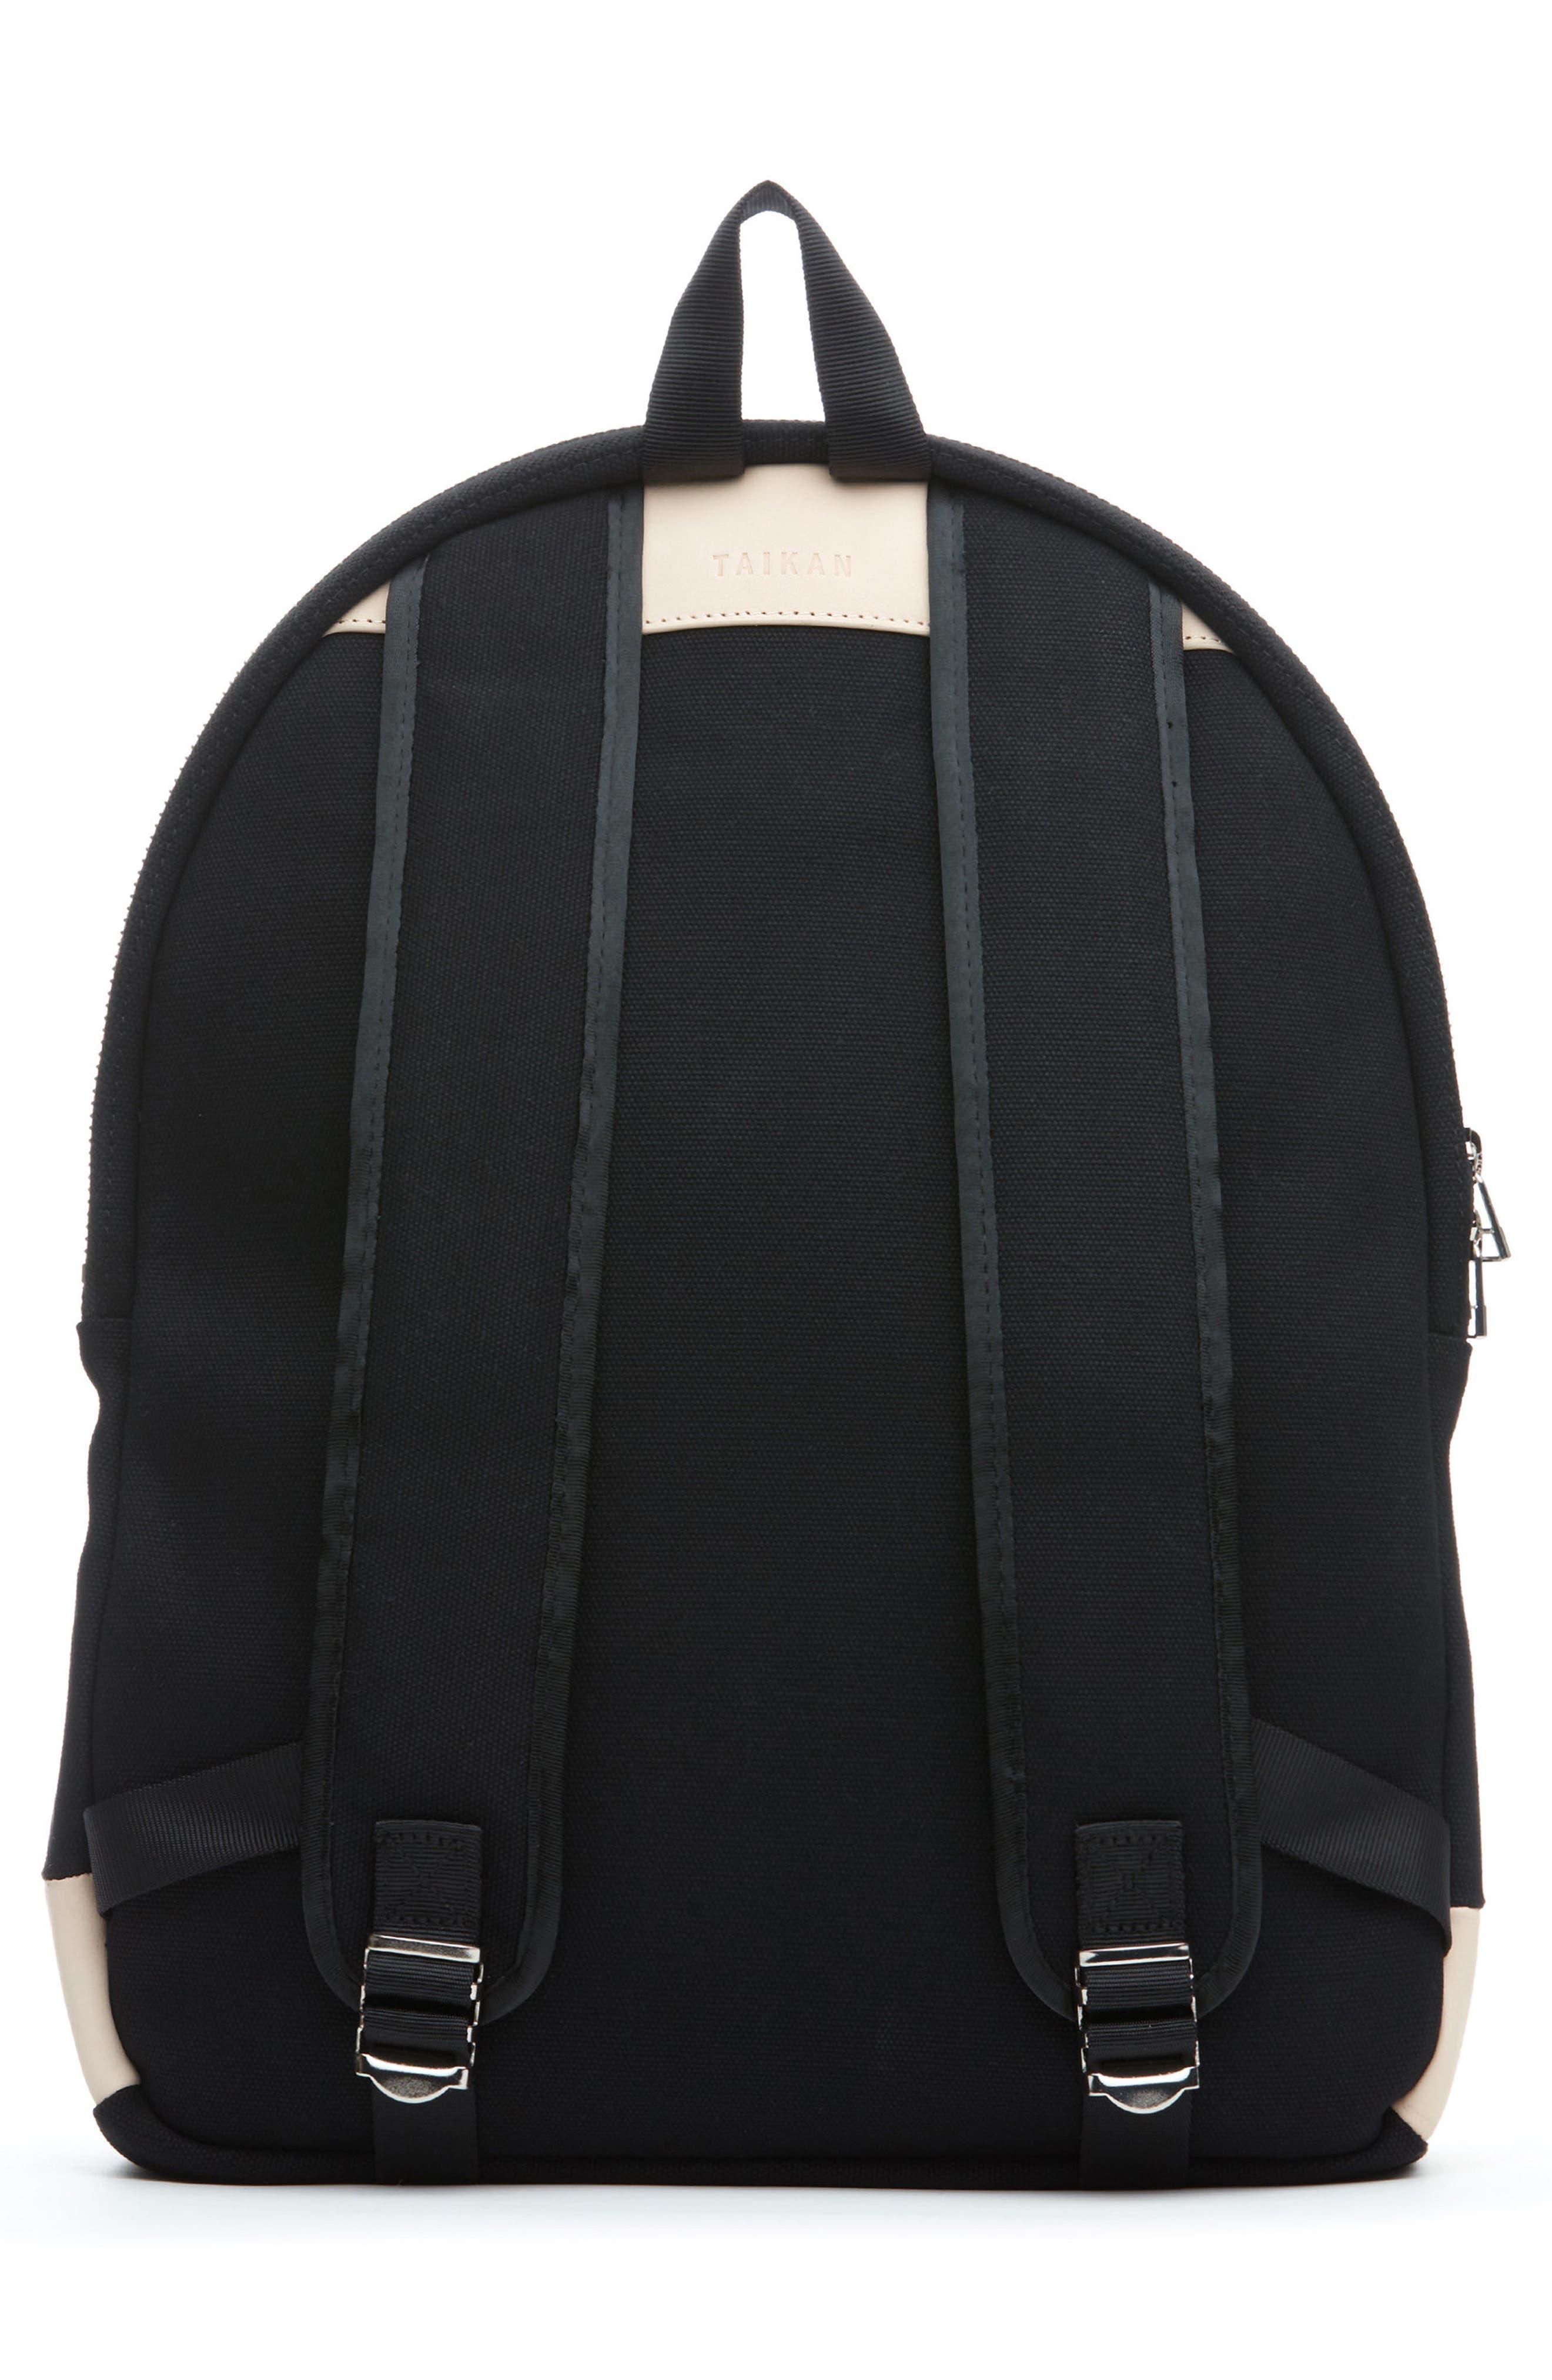 Lancer Backpack,                             Alternate thumbnail 2, color,                             010